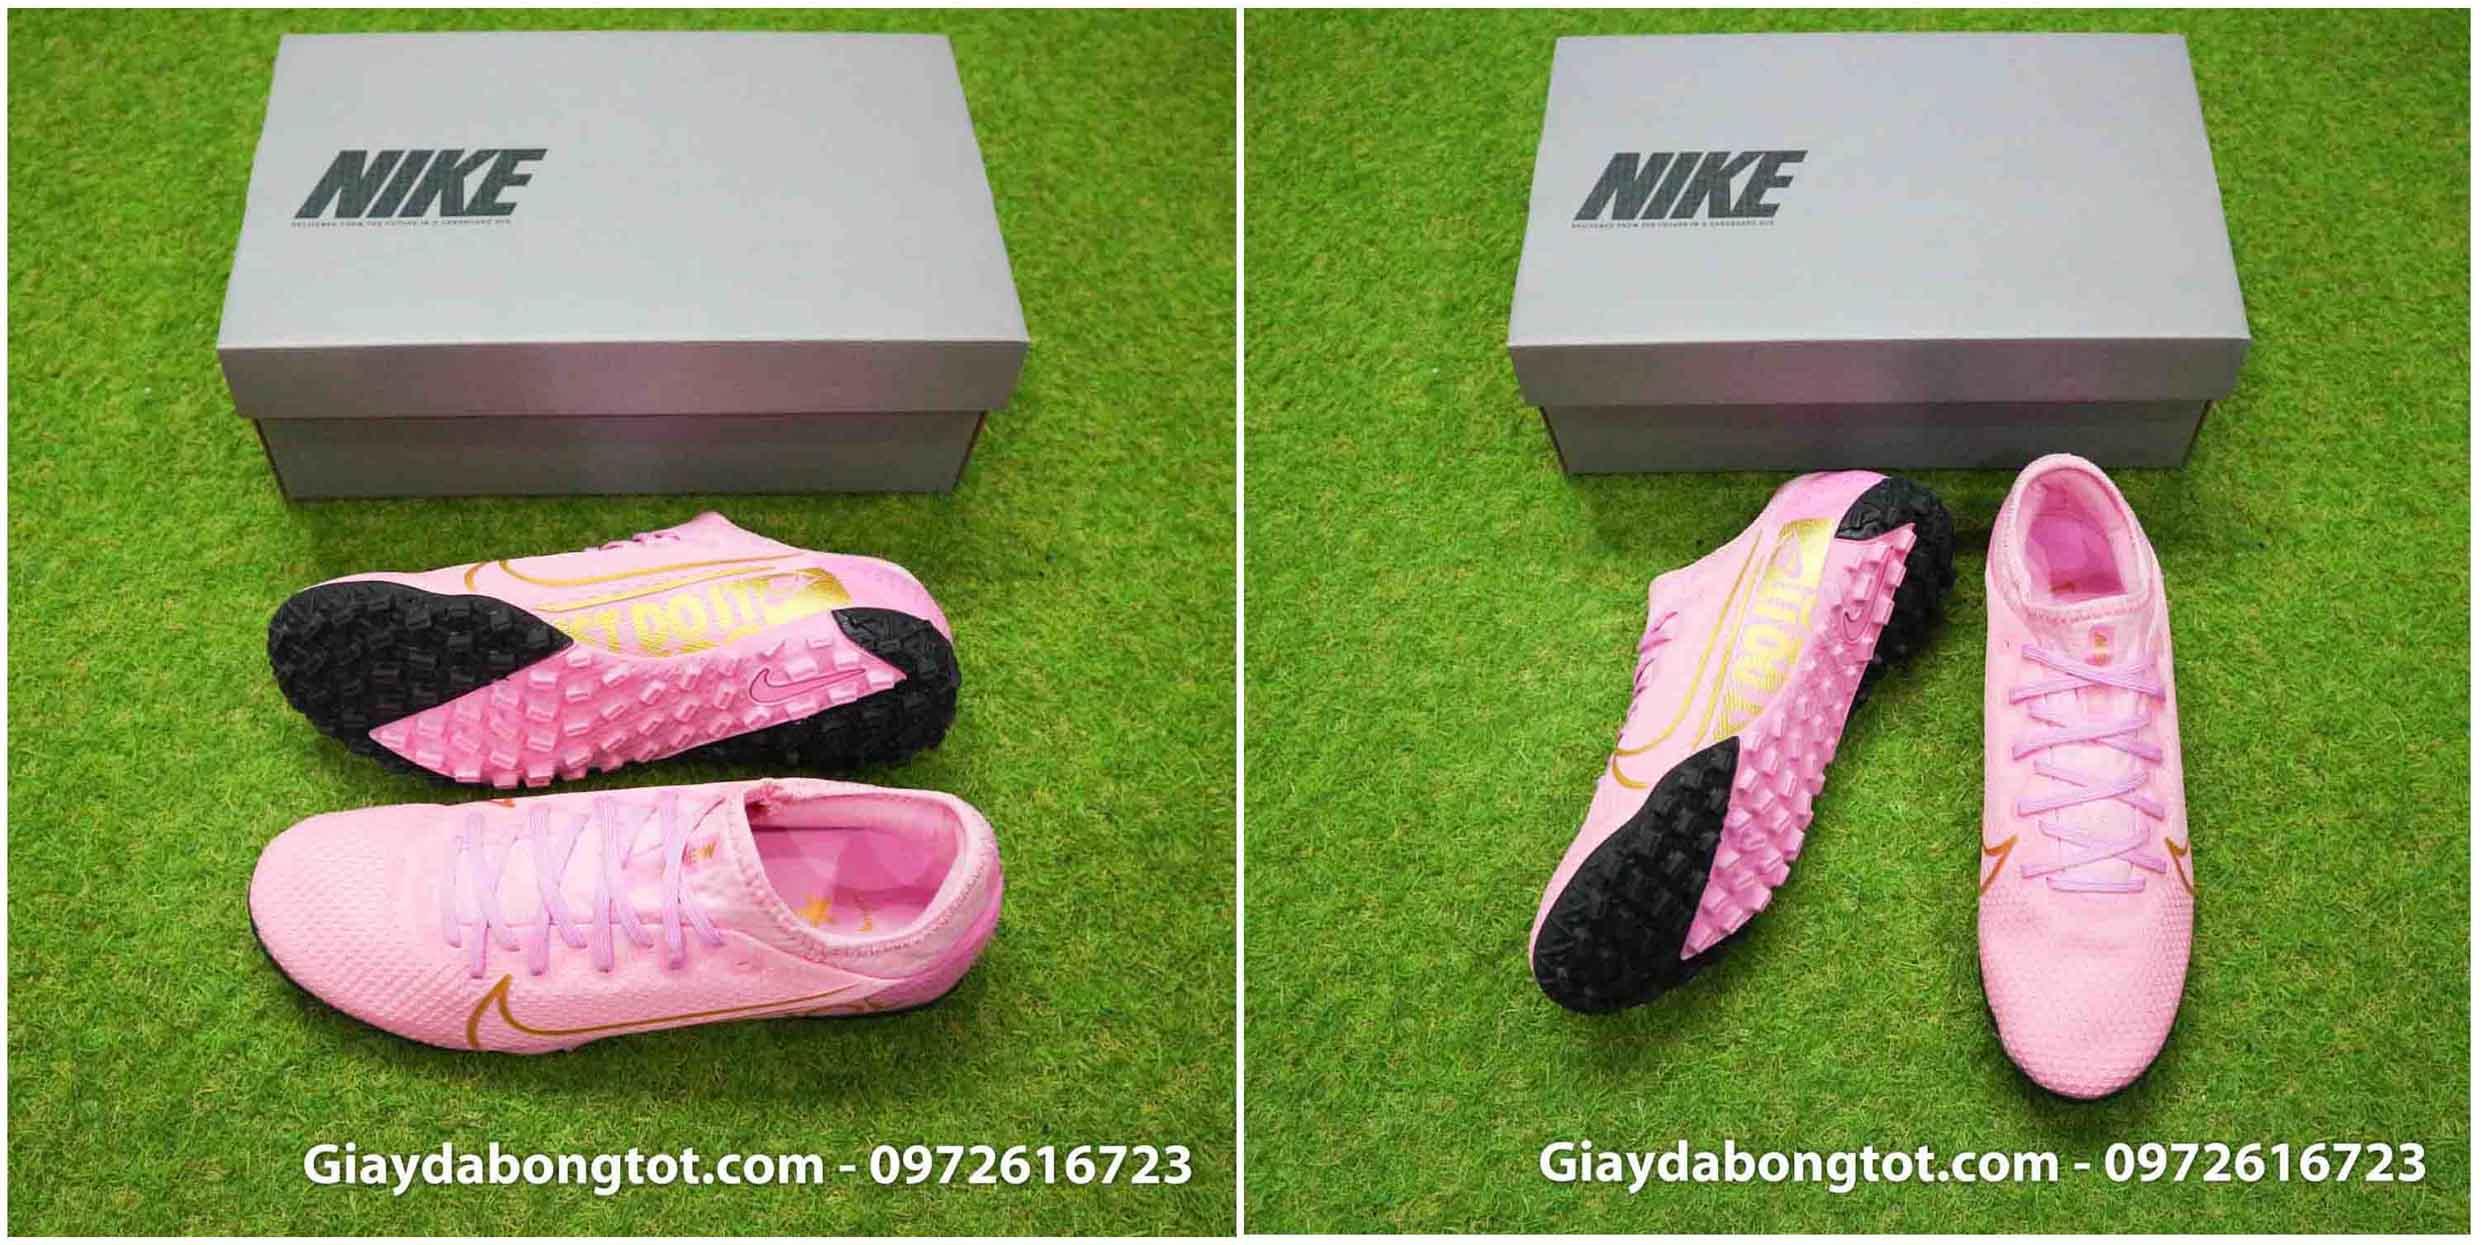 Giày đá banh sân cỏ nhân tạo Nike màu hồng cực kỳ cá tính